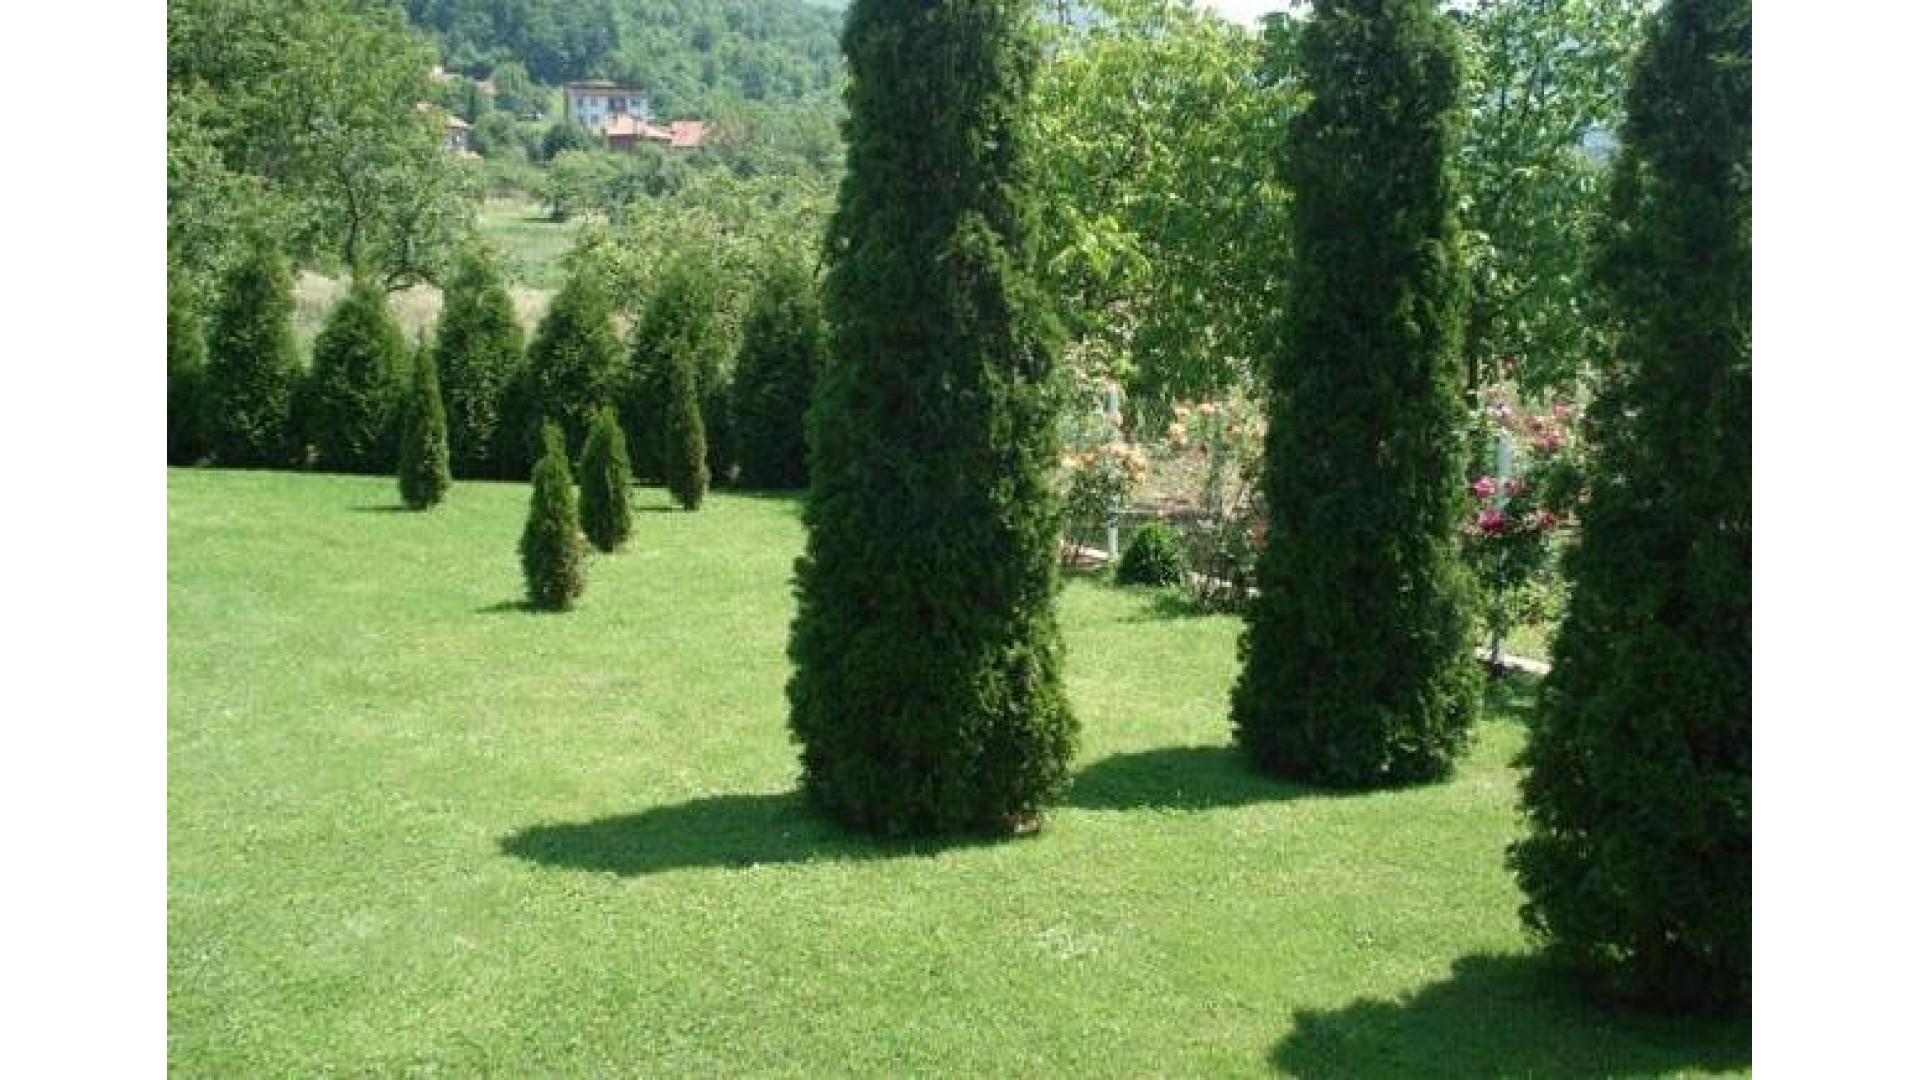 Prodajem zemlju u Sarajevu